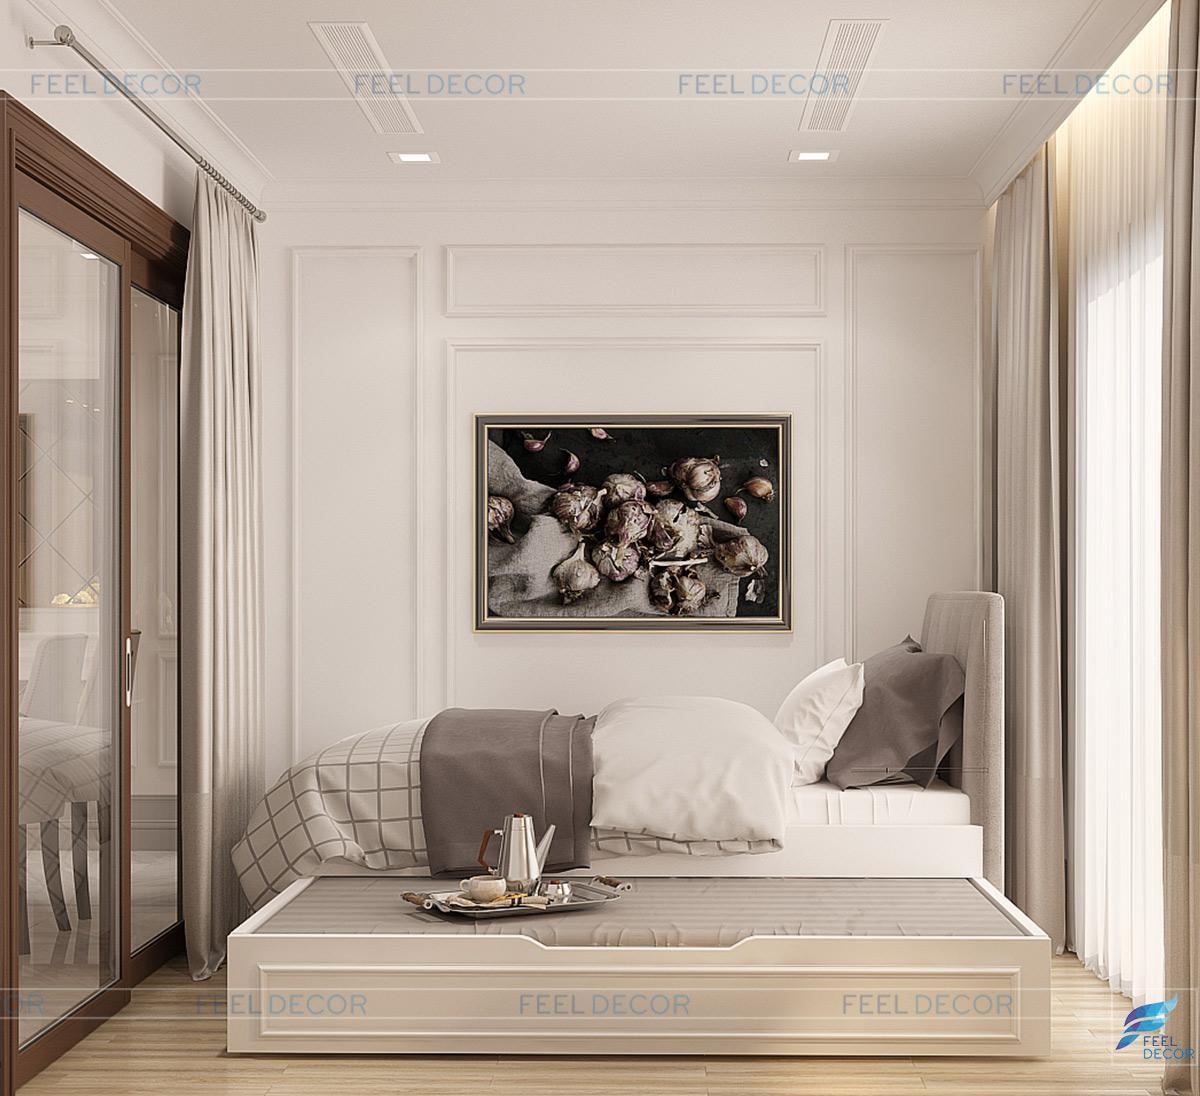 Thiết kế thi công nội thất căn hộ 84m2 chung cư Landmark 81 Vinhome